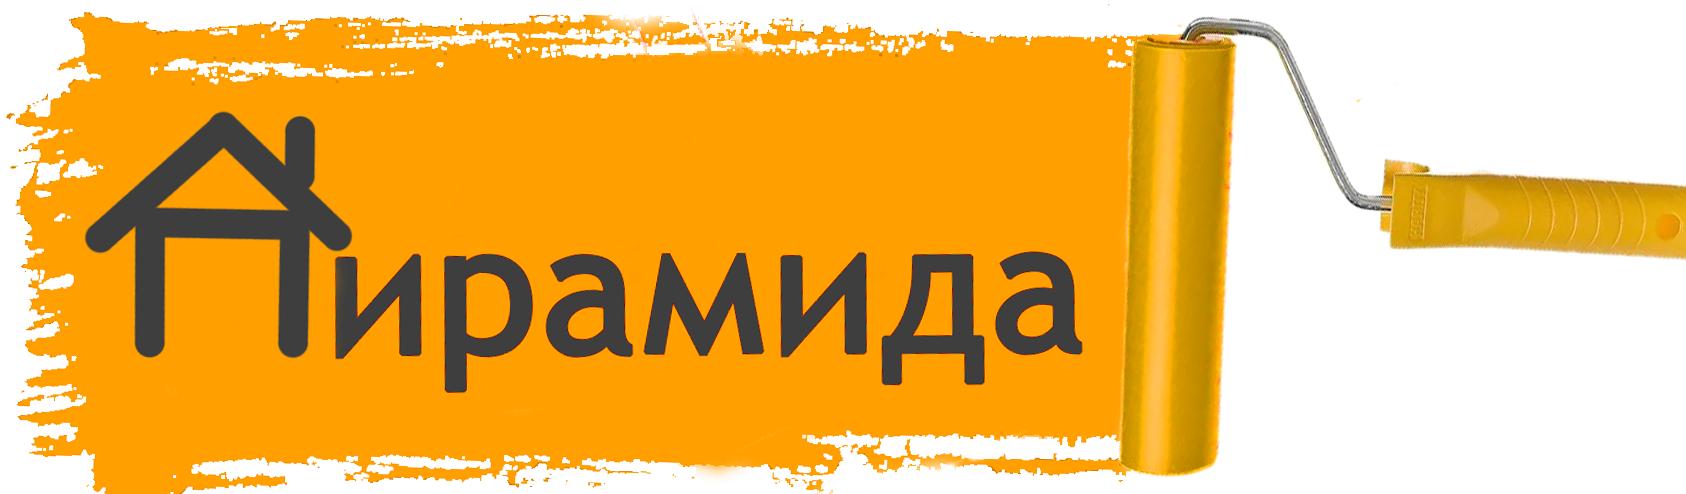 Линолеум Forum Forest 3 (916L) в Крыму.